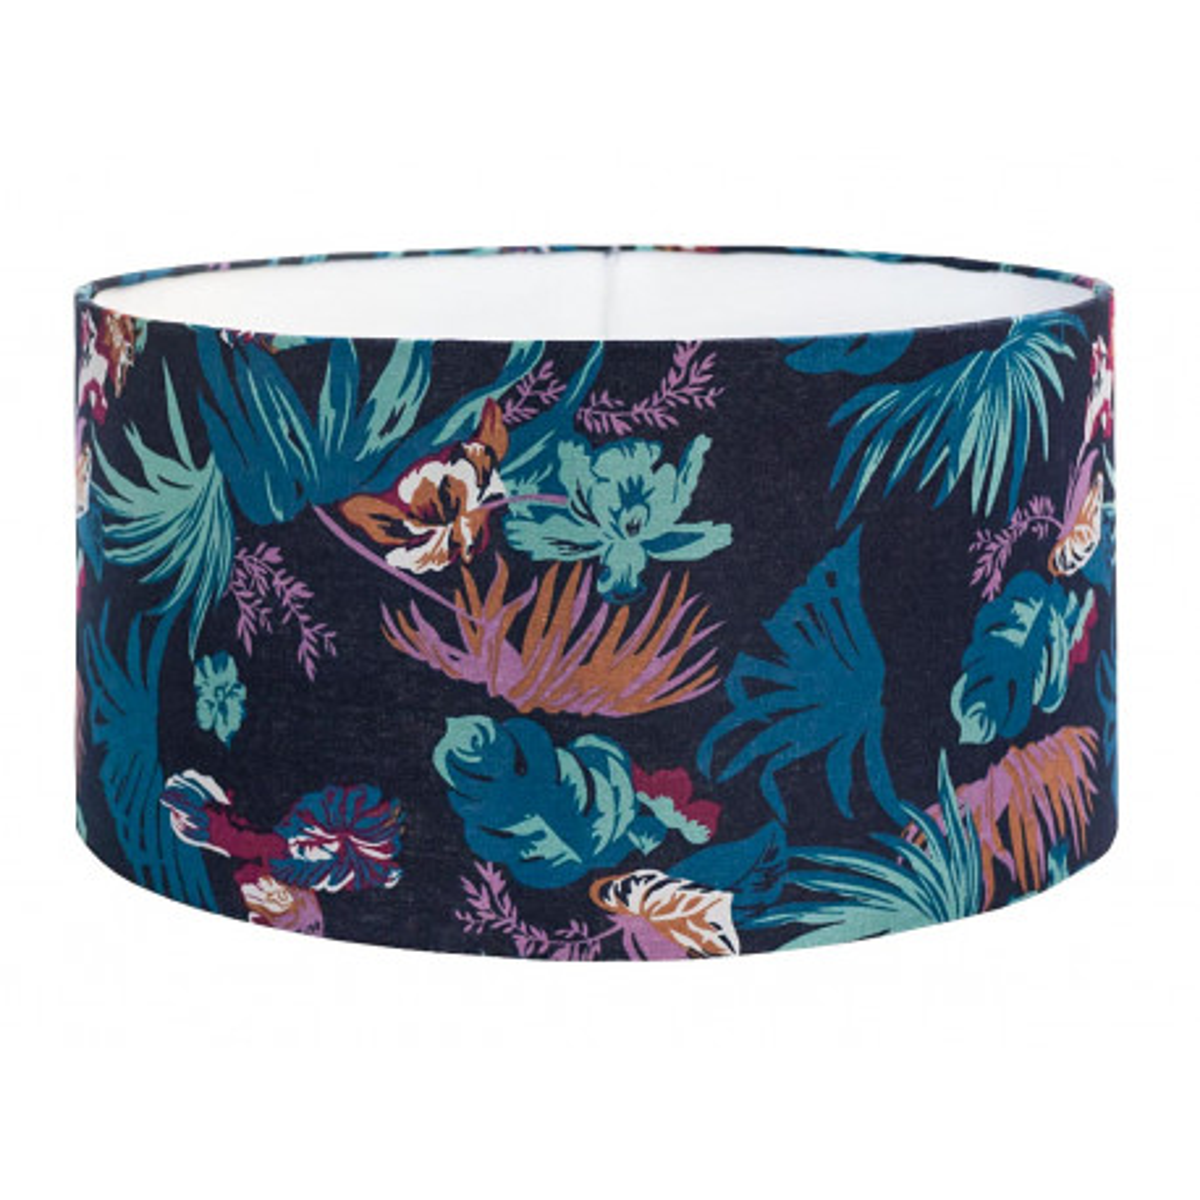 Grand abat-jour rond bleu nuit jungle et feuilles